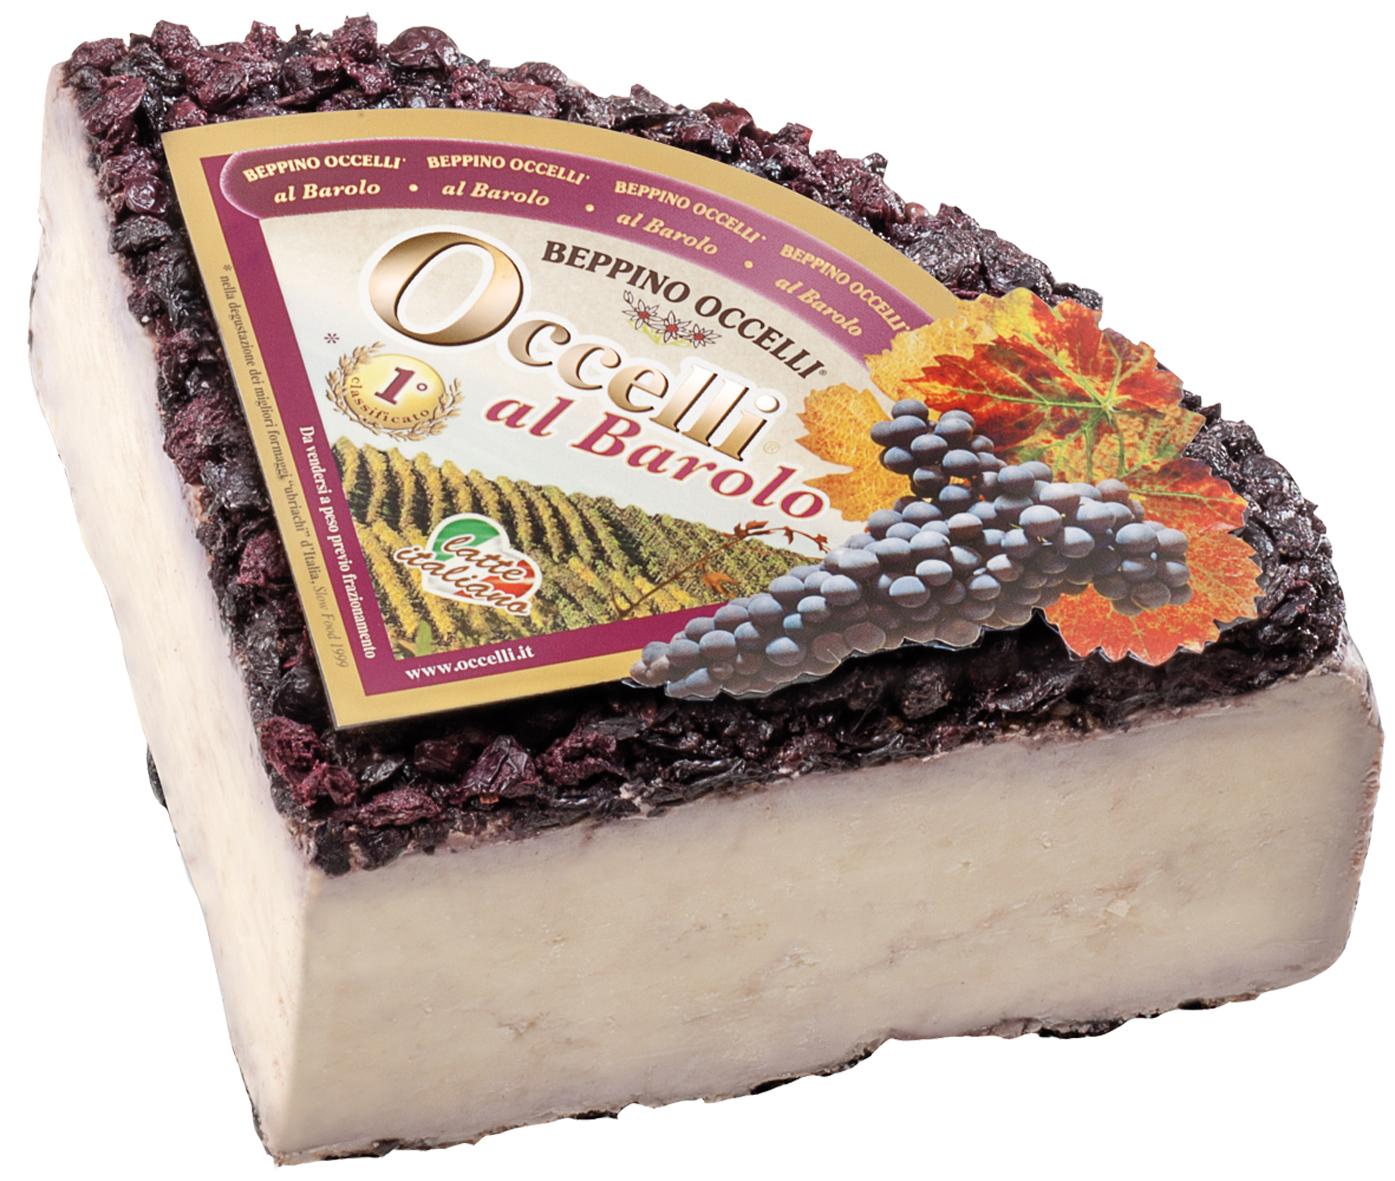 OCCELLI AL BAROLO - Dieser Käse aus Kuhmilch wird sehr lange in den Kellern von Valcasotto gelagert. Der entstandene Hartkäse wird dann 2 weitere Monate in mit Barolo angereichertem Langa-Trester verfeinert.